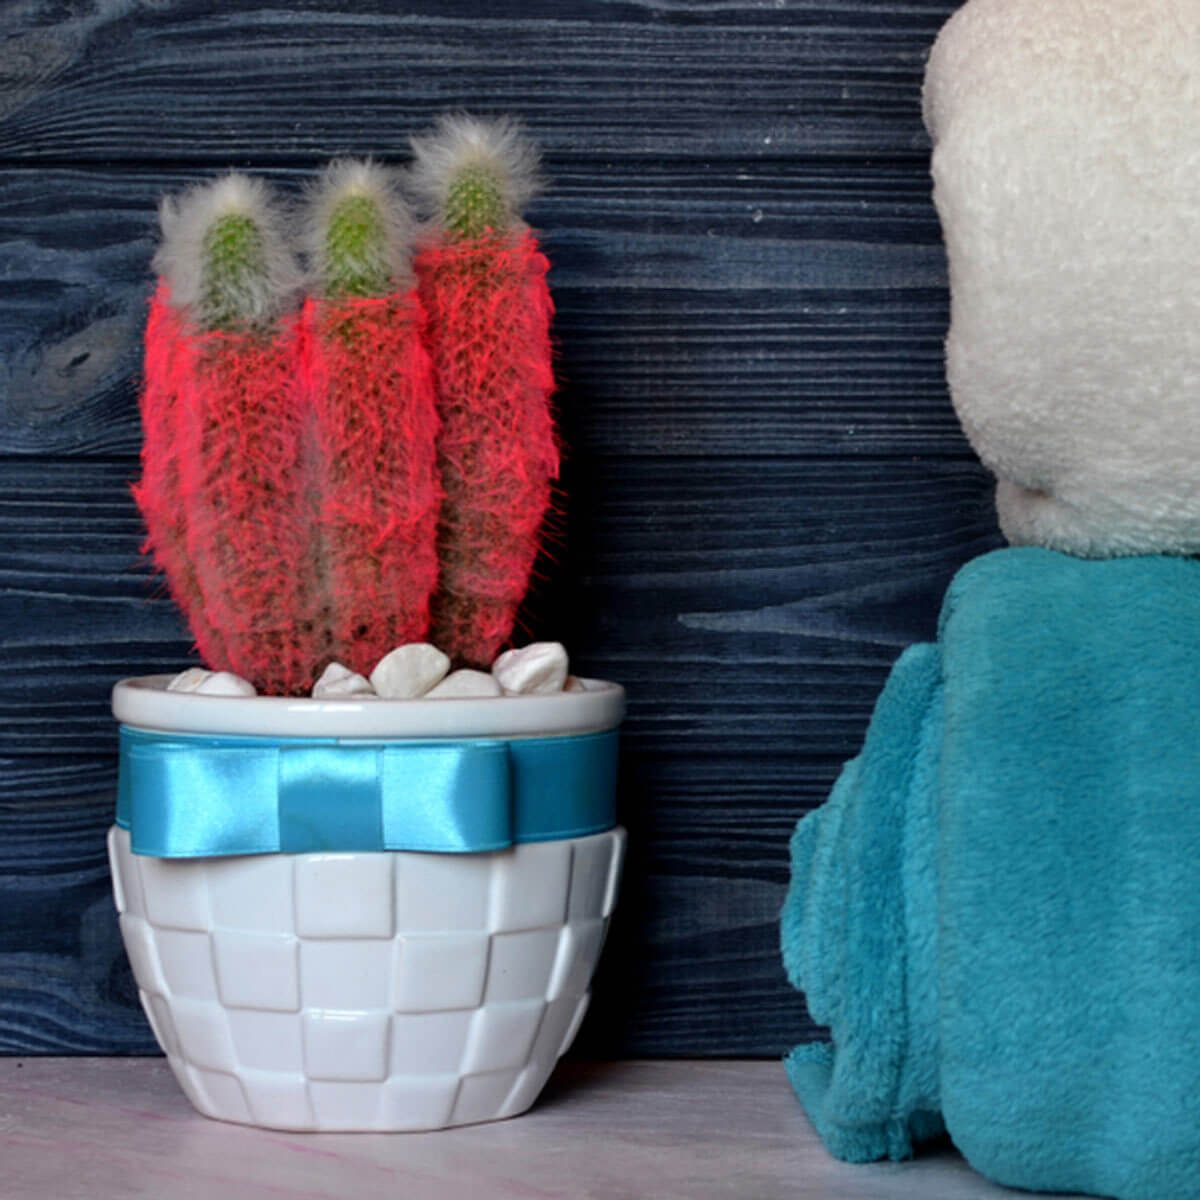 red furry cactus